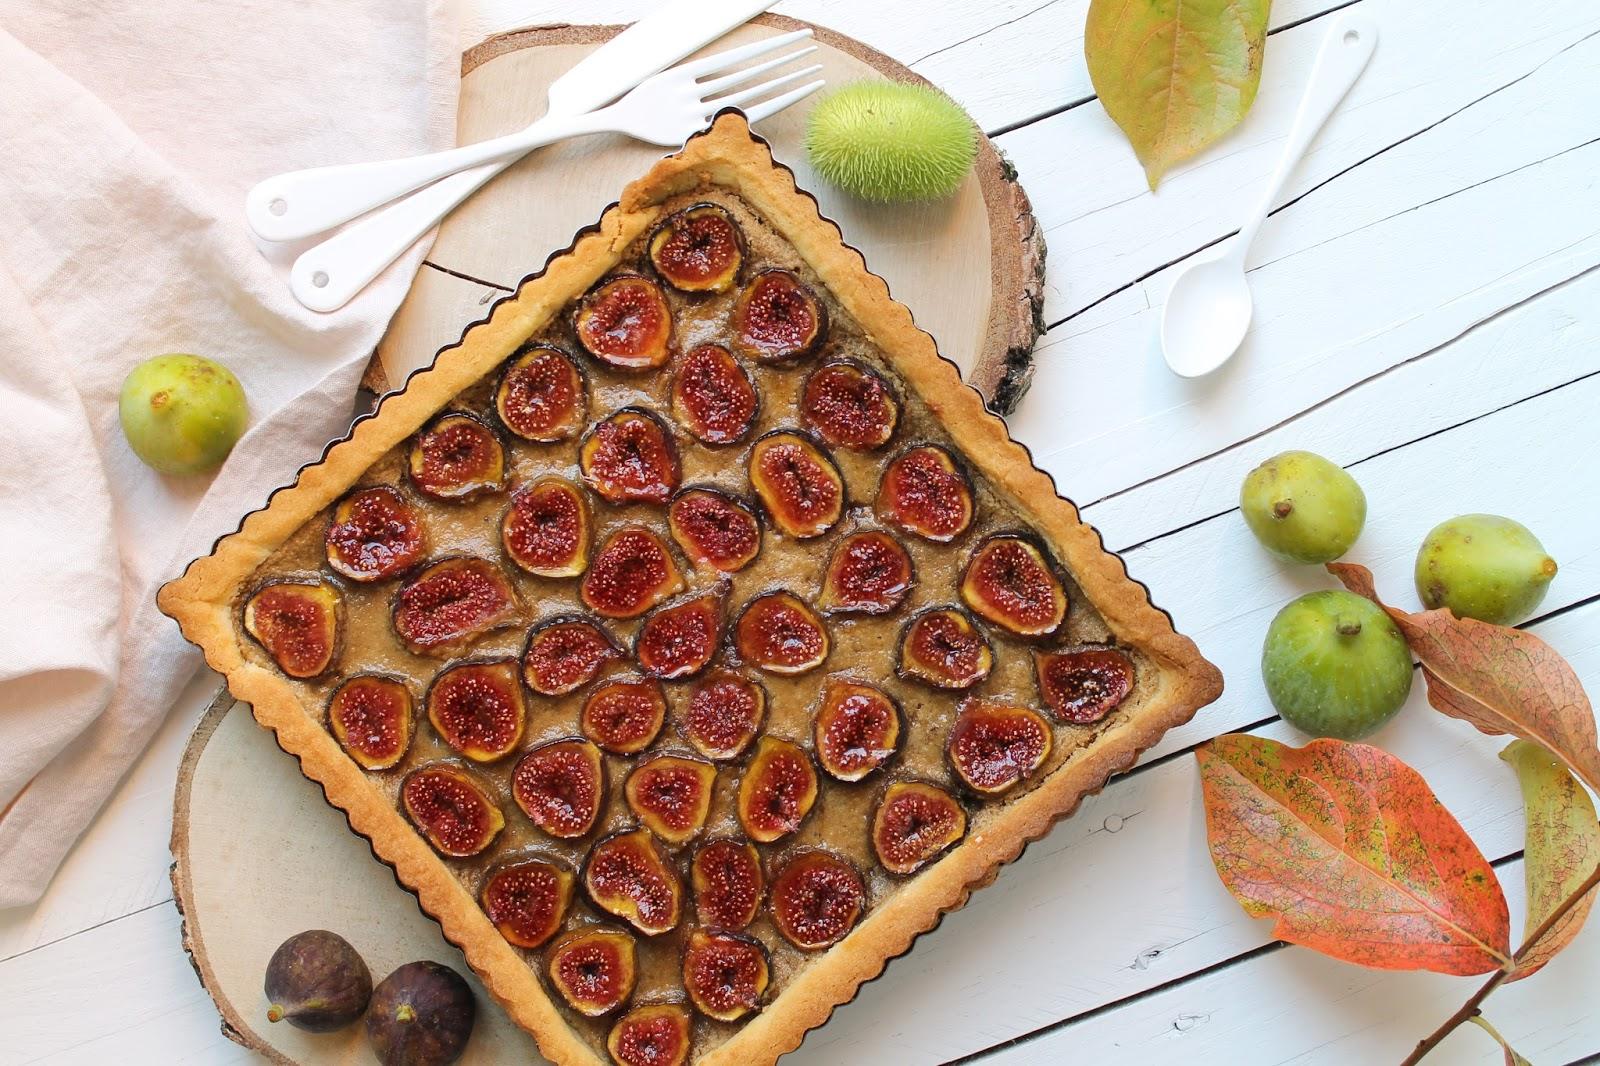 L 39 all e des desserts tarte la figue p te sabl breton cr me d 39 amandes miel - Fond de tarte palet breton ...